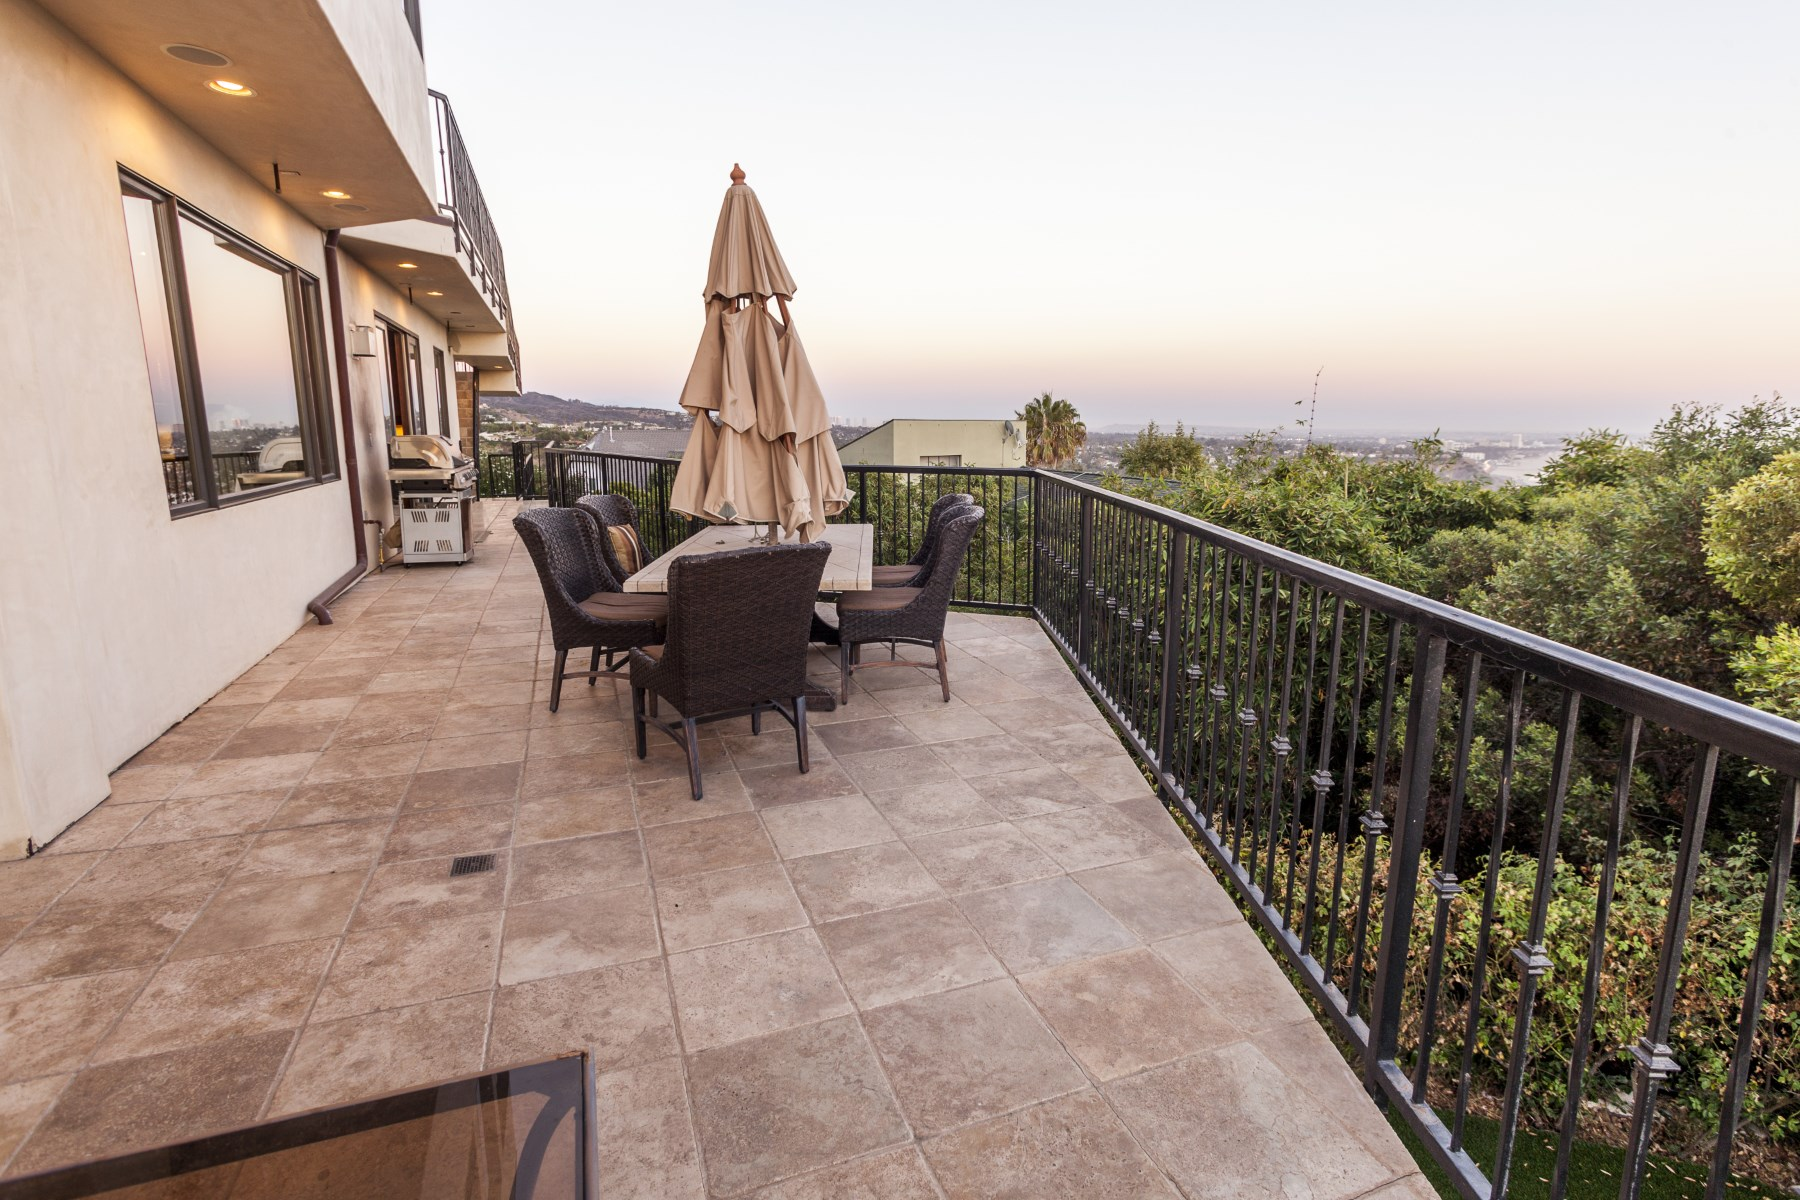 Maison unifamiliale pour l Vente à Entertainment Home with Ocean Views 649 Resolando Drive Pacific Palisades, Californie, 90272 États-Unis